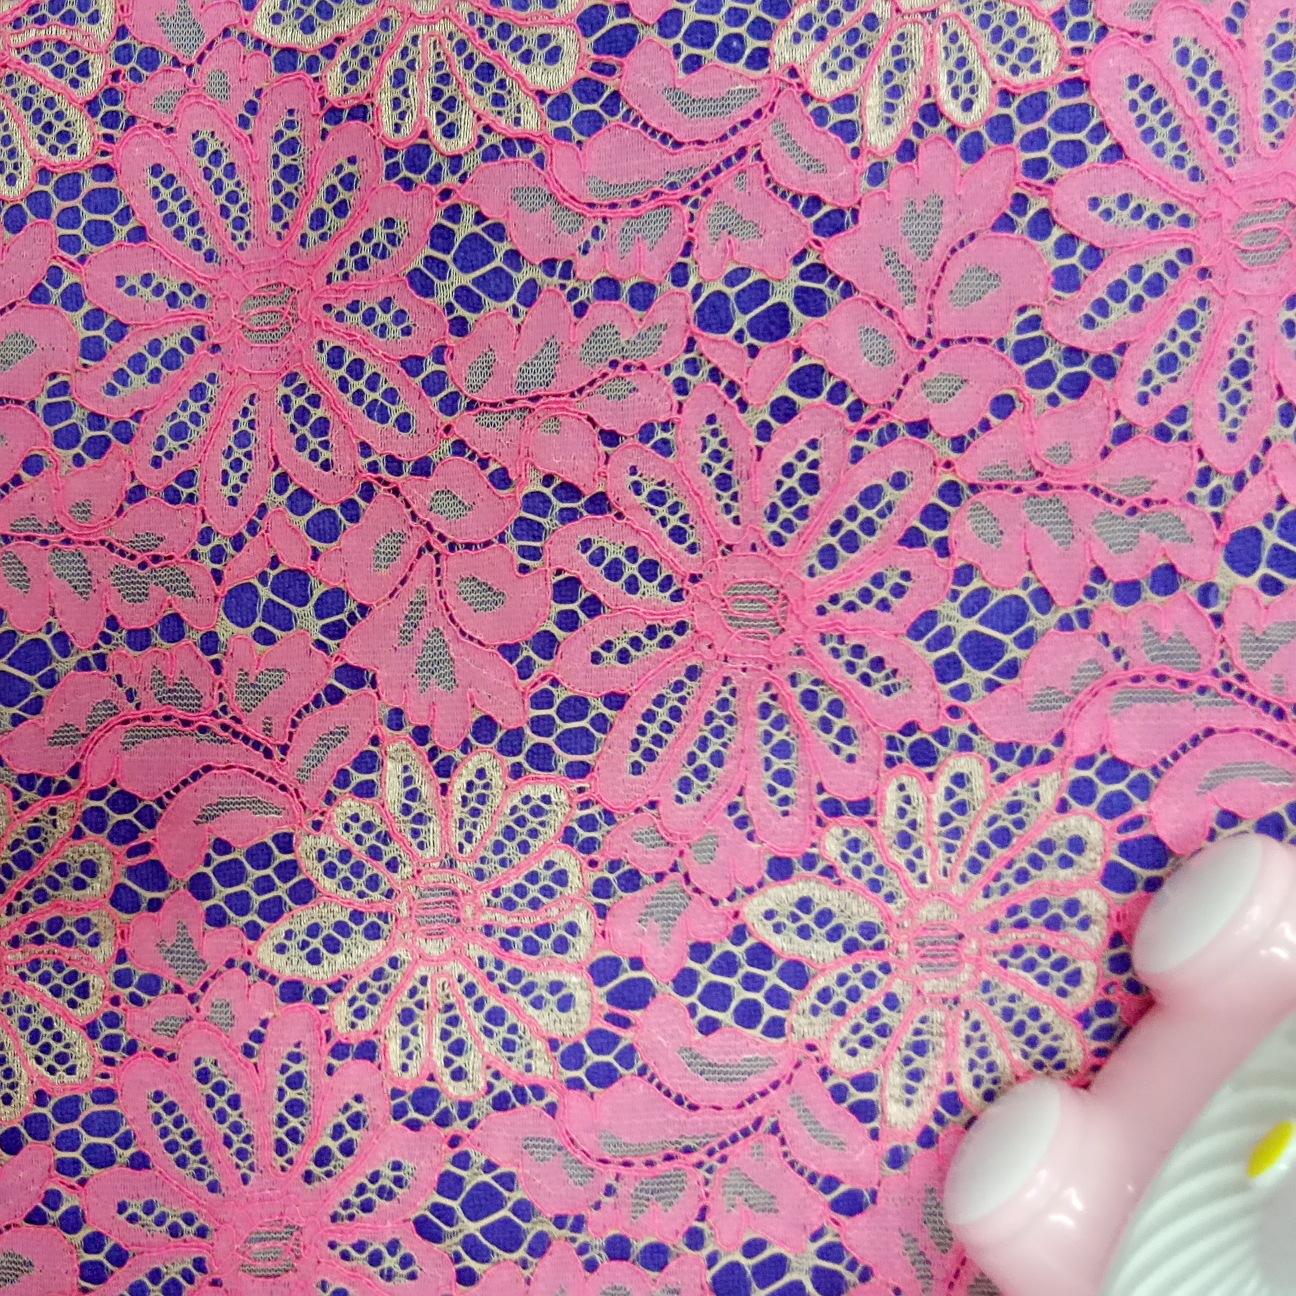 锦氨新款绚丽鲜艳花朵蕾丝 镂空时尚女装蕾丝面料 韩版女装辅料